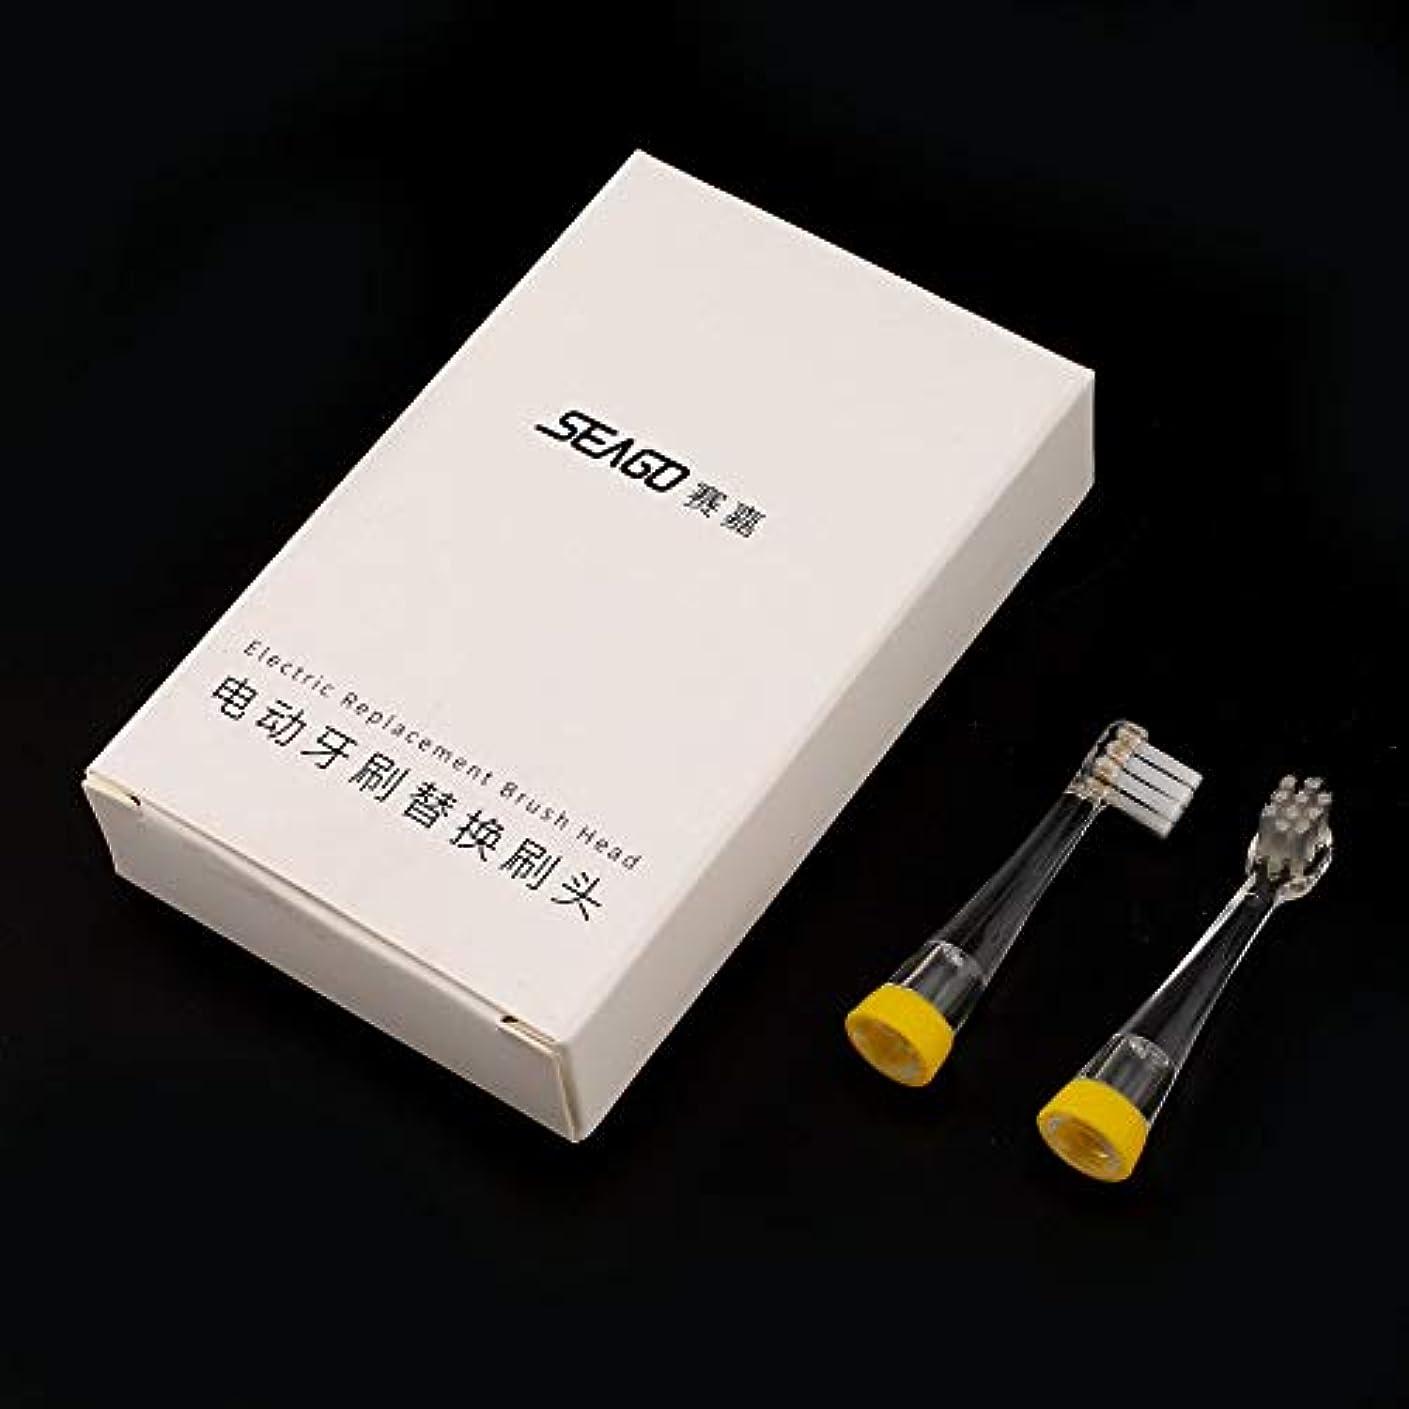 無関心ヘビー懲らしめ2ピースポータブル電気交換ブラシヘッドシーゴSG-811子供電動歯ブラシソフトデュポンナイロン剛毛(Color:white & yellow)